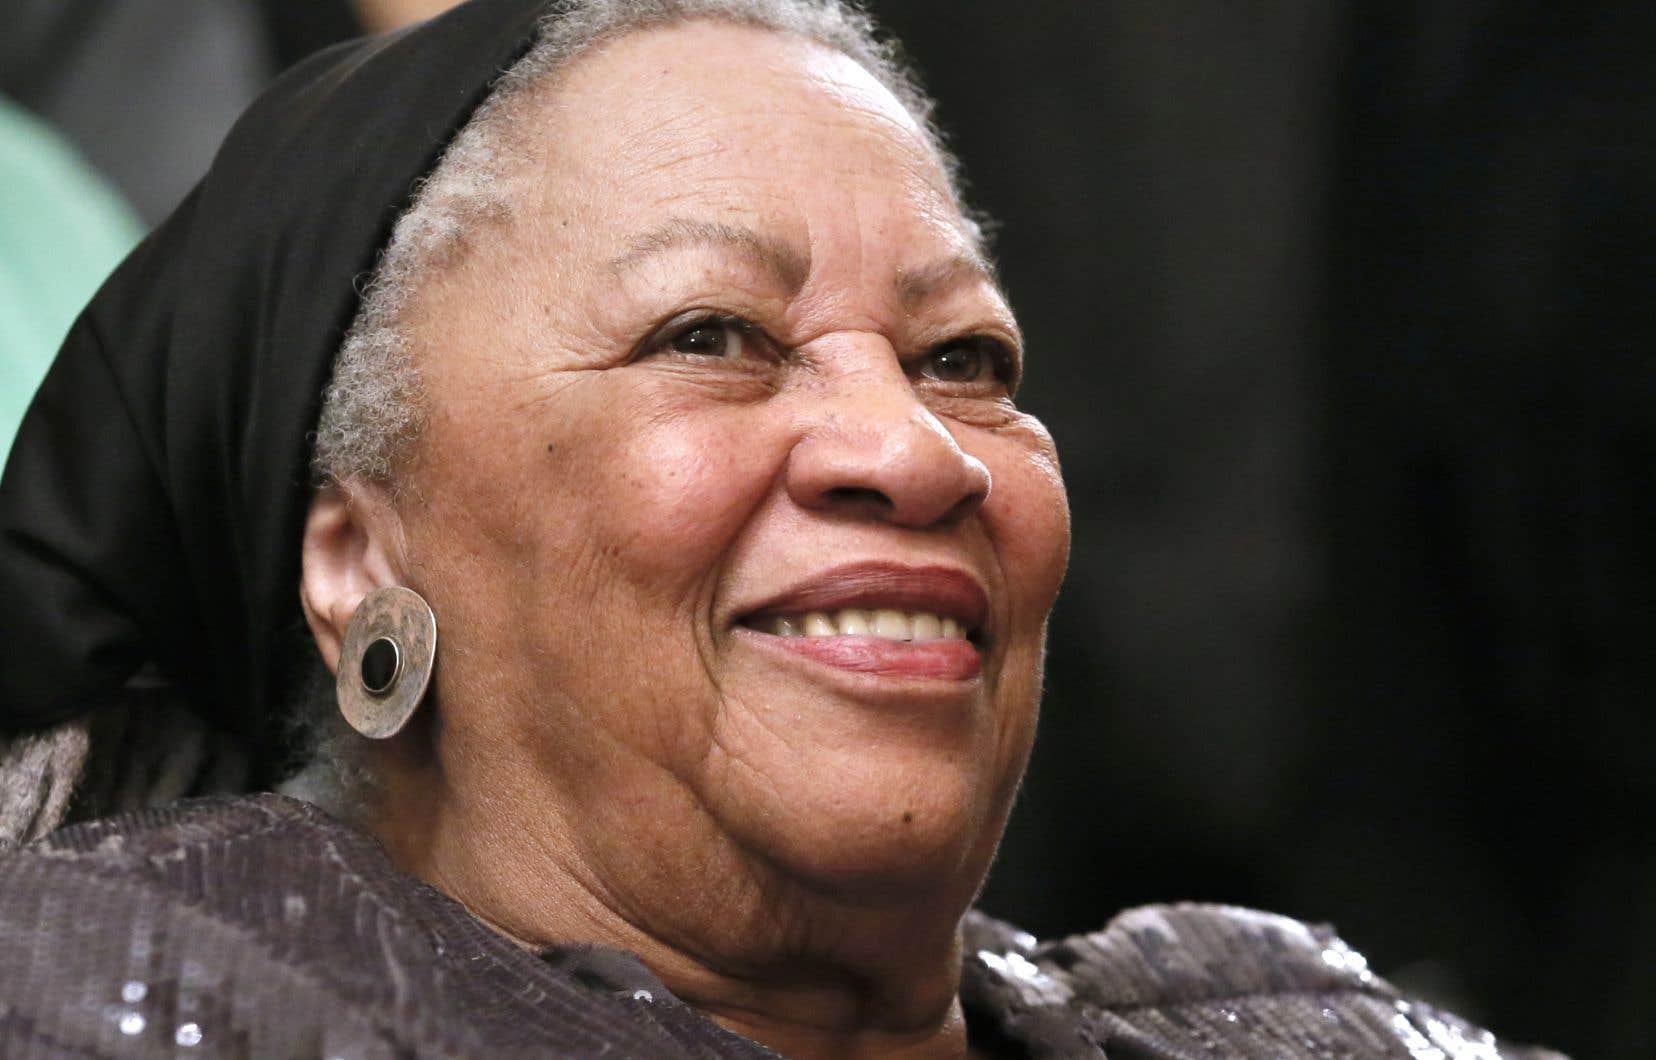 Selon son éditeur américain, Penguin Random House, l'essai de Toni Morrison constitue «un ajout lumineux et essentiel à l'oeuvre» de l'écrivaine.